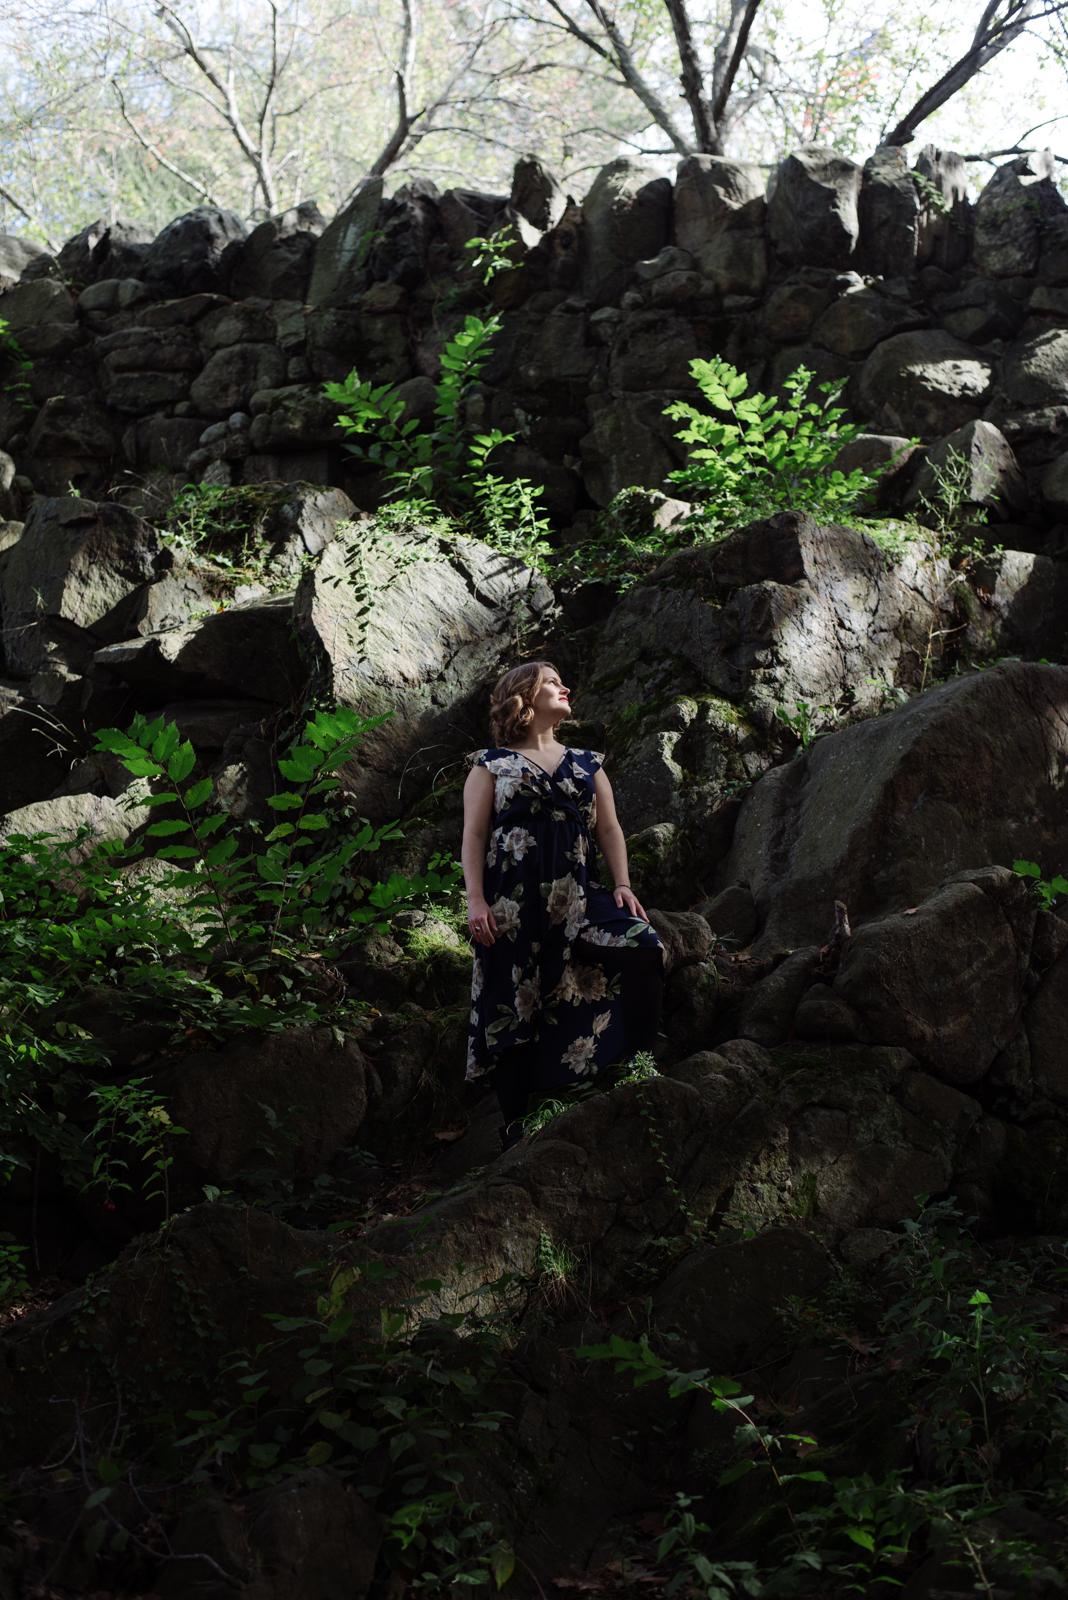 10142018-AbbyBowling-JuliaLuckettPhotography-41.jpg